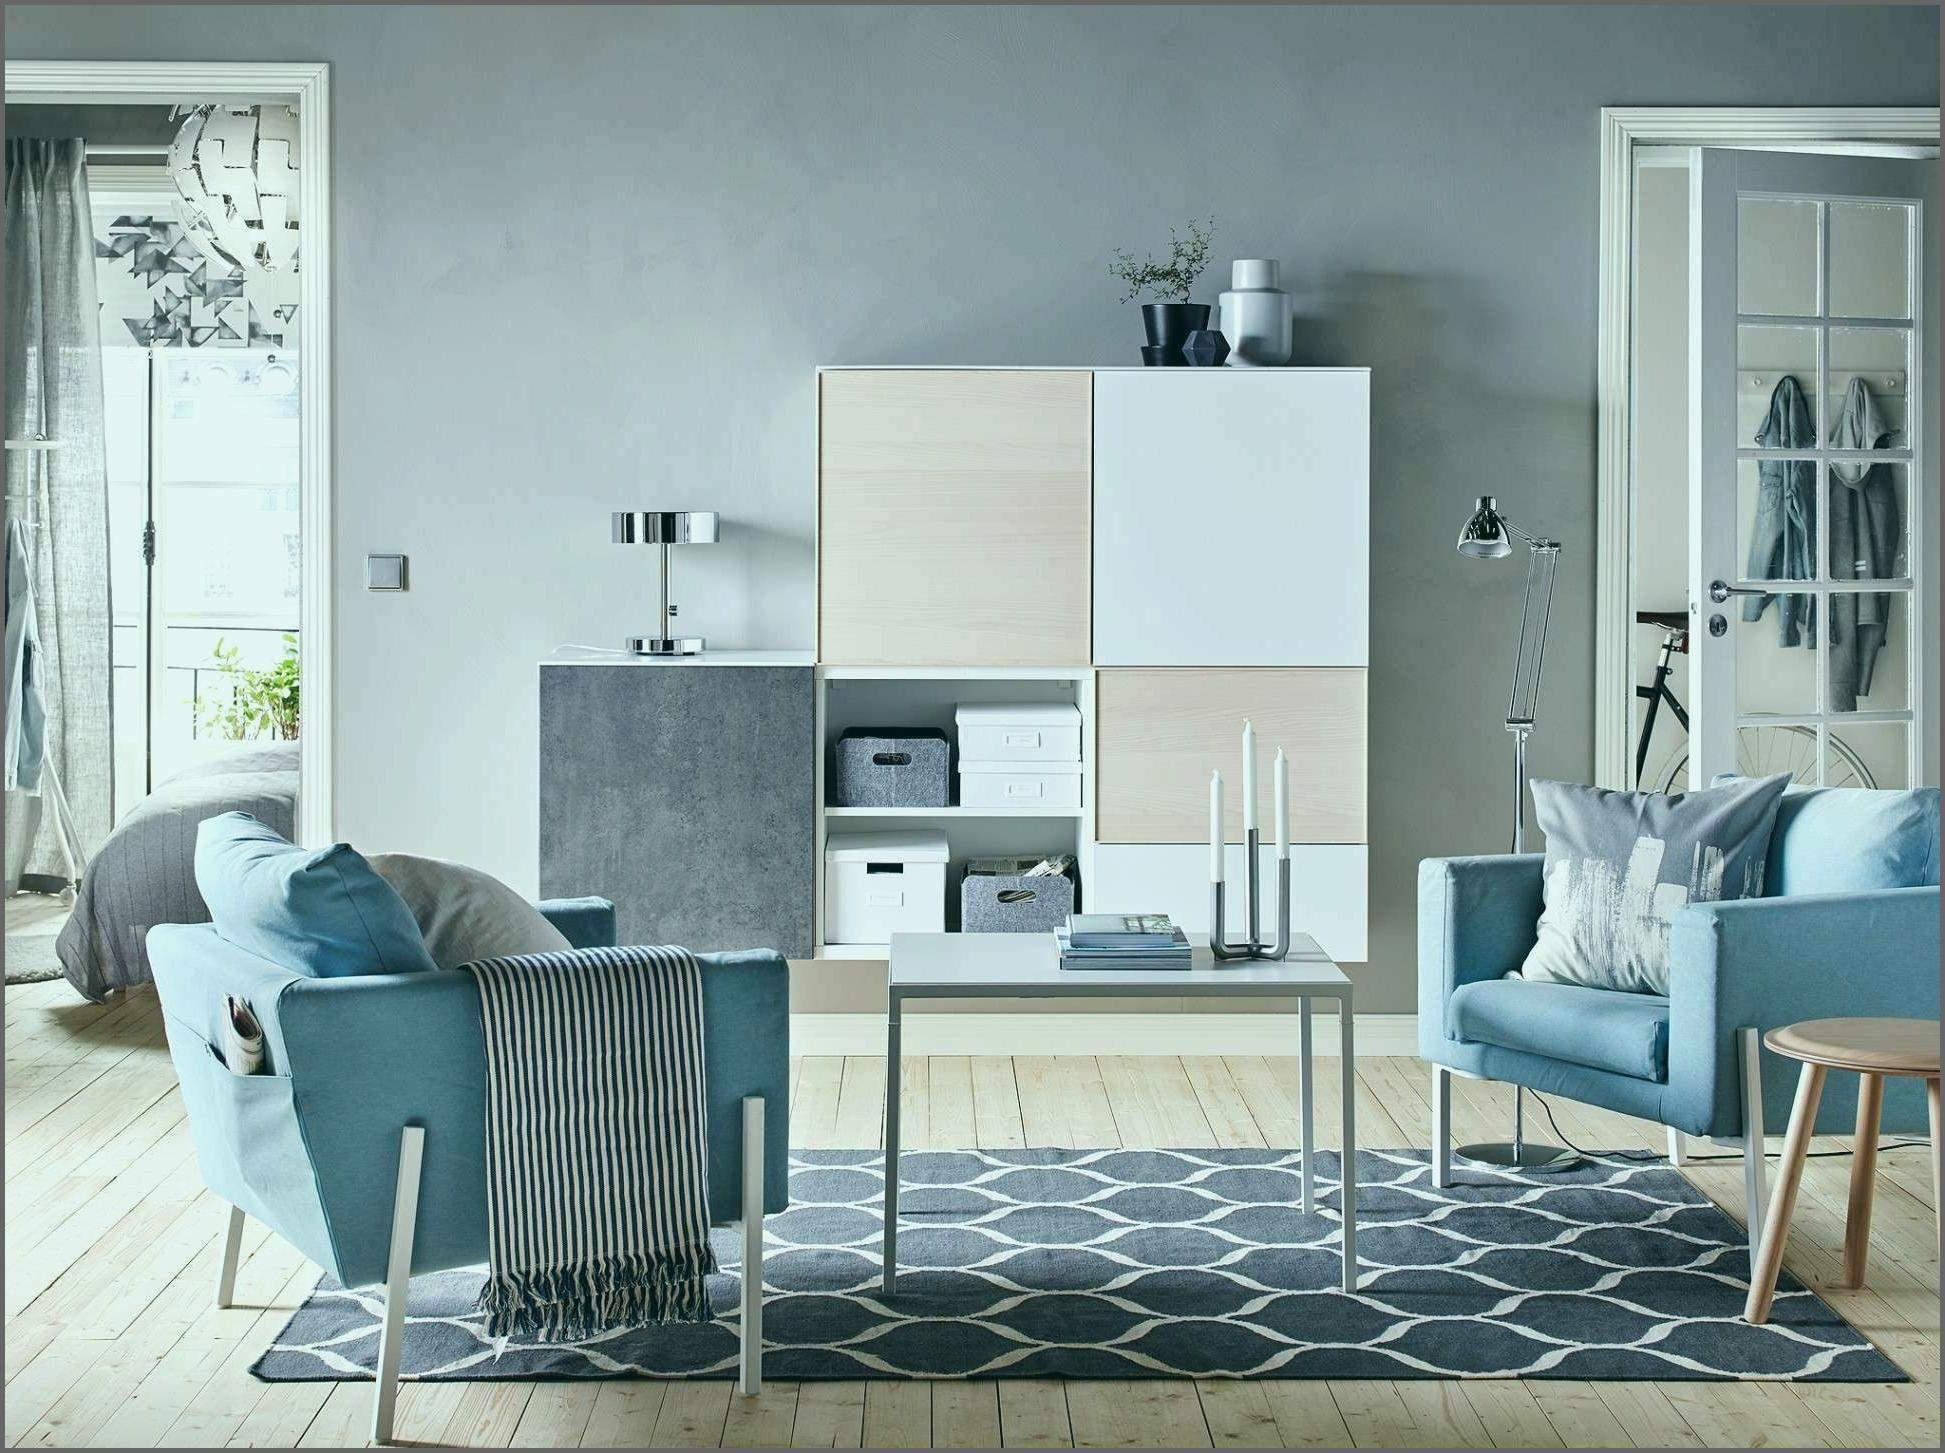 wohnzimmer holz schon 36 luxurios und warm holz im wohnzimmer of wohnzimmer holz